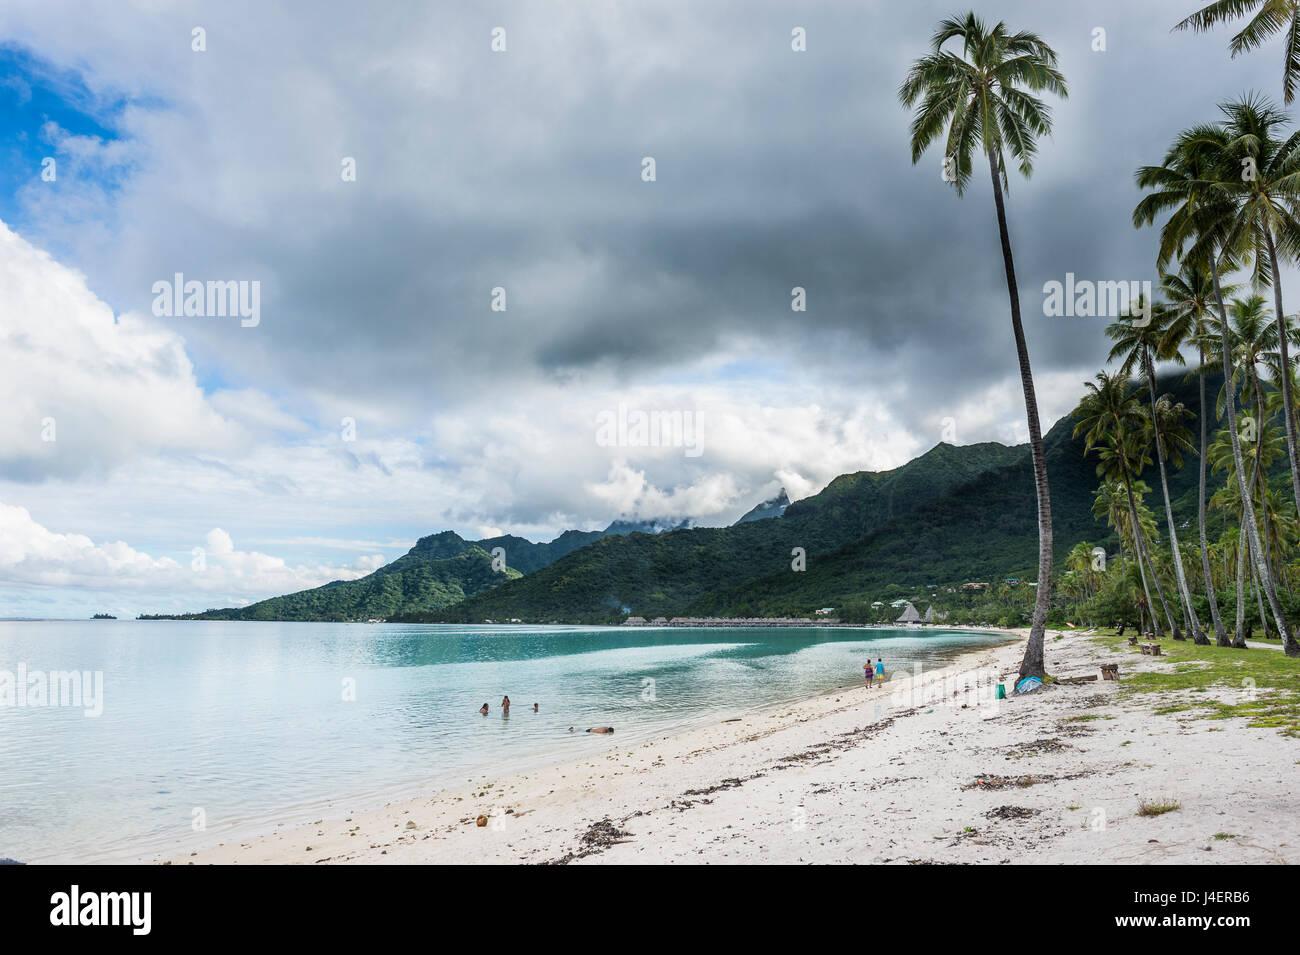 Temae öffentlichen Strand, Moorea, Gesellschaftsinseln, Französisch-Polynesien, Pazifik Stockbild